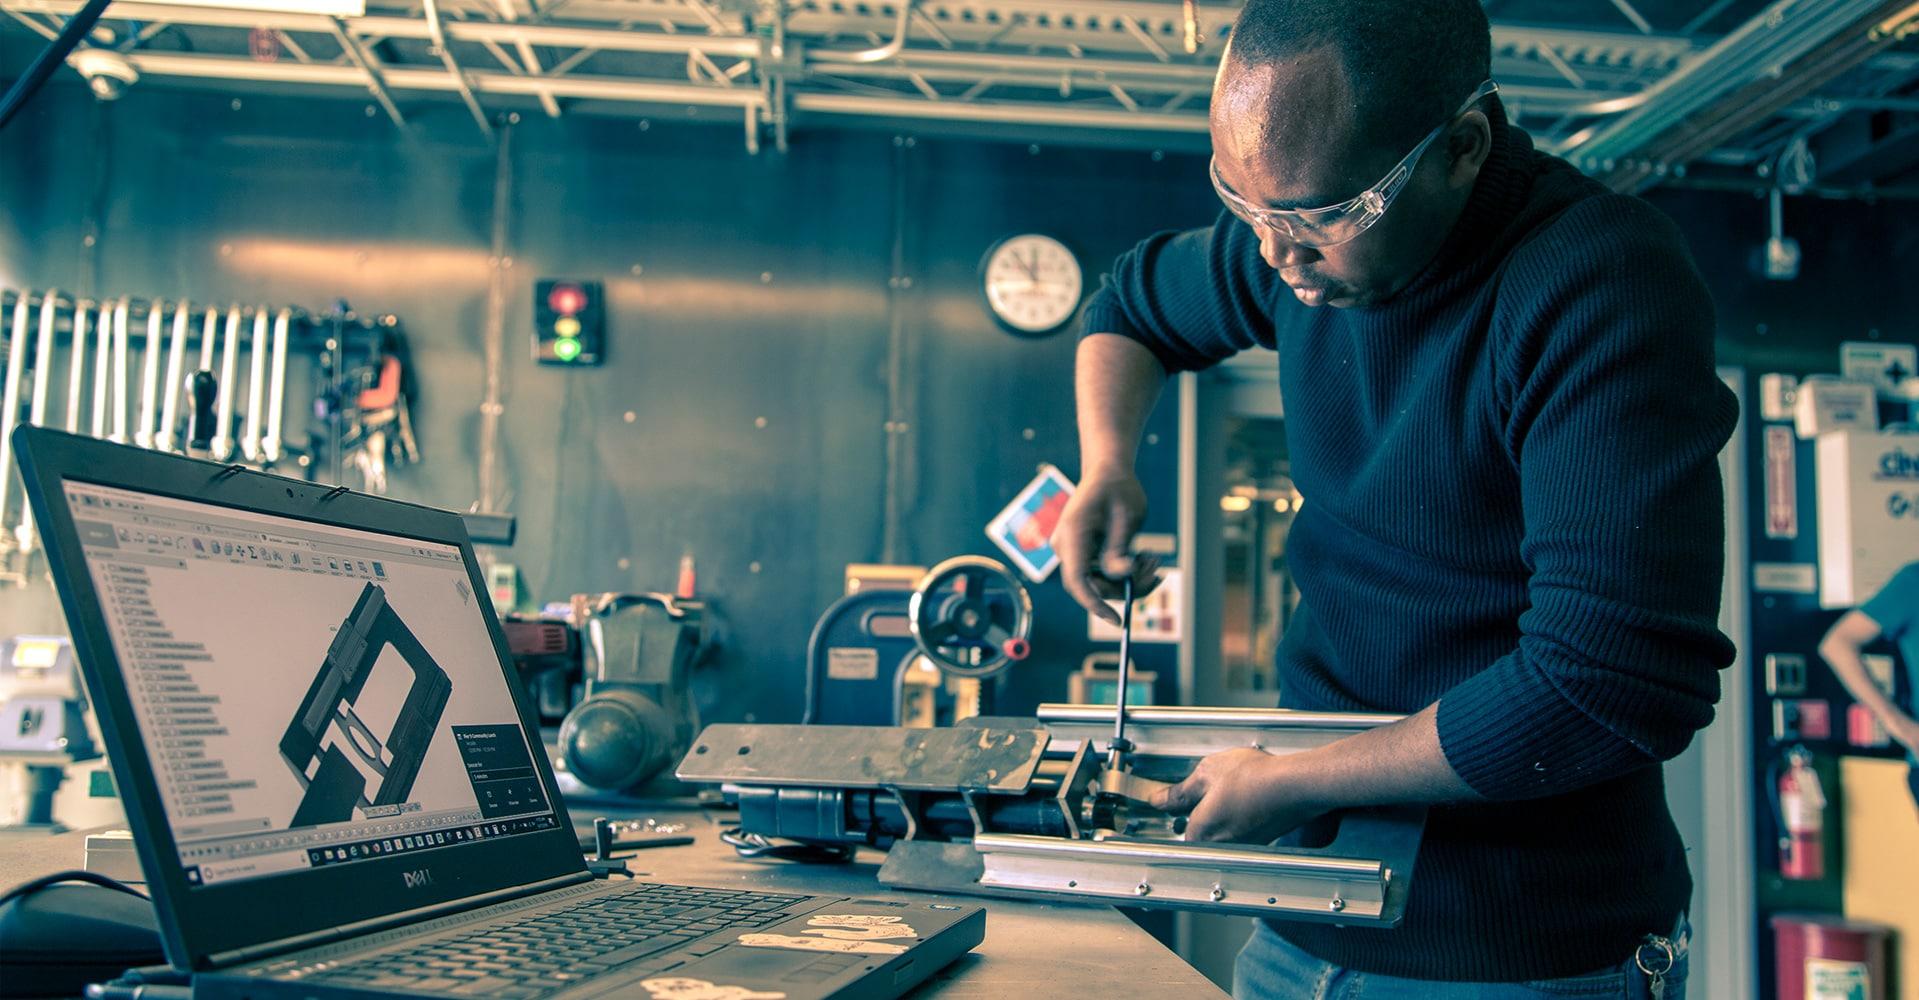 Trabajador con acceso a una amplia variedad de herramientas